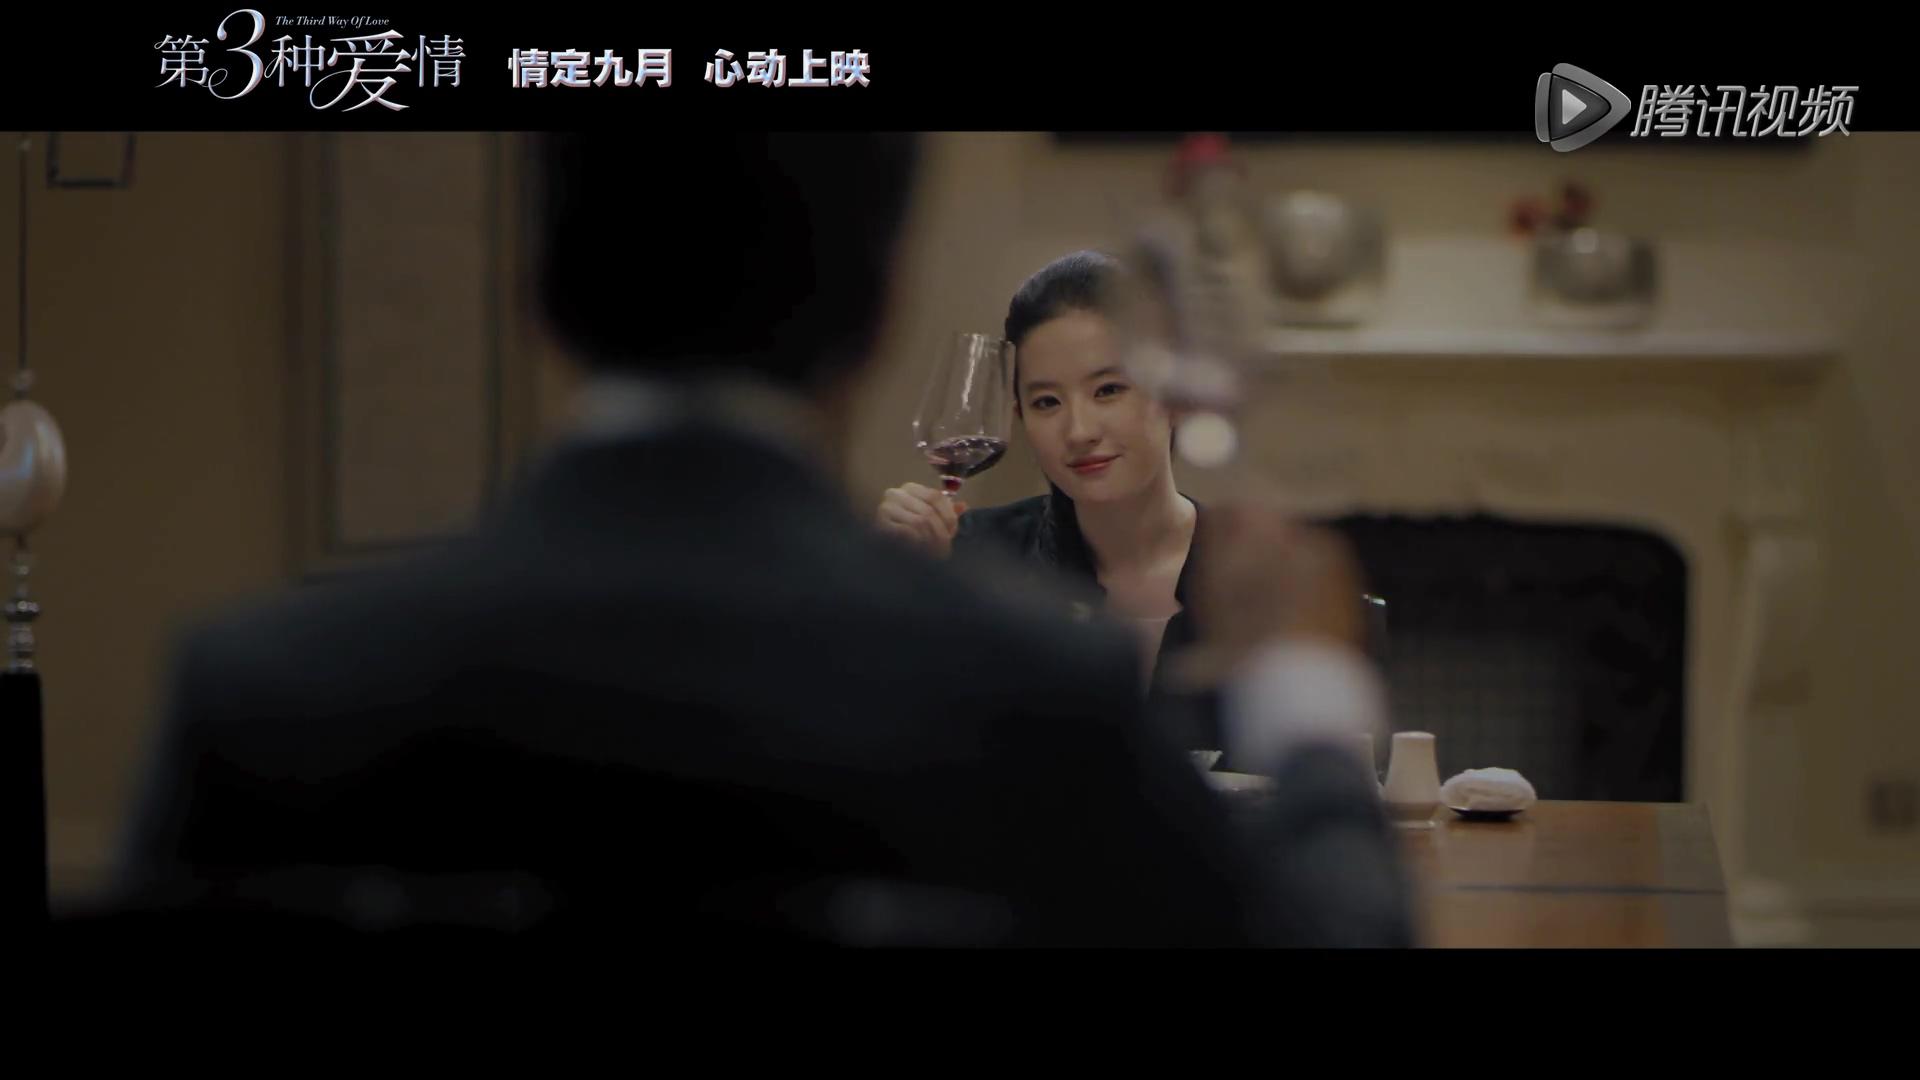 《第三种爱情》情定九月预告片(2015.07.06)